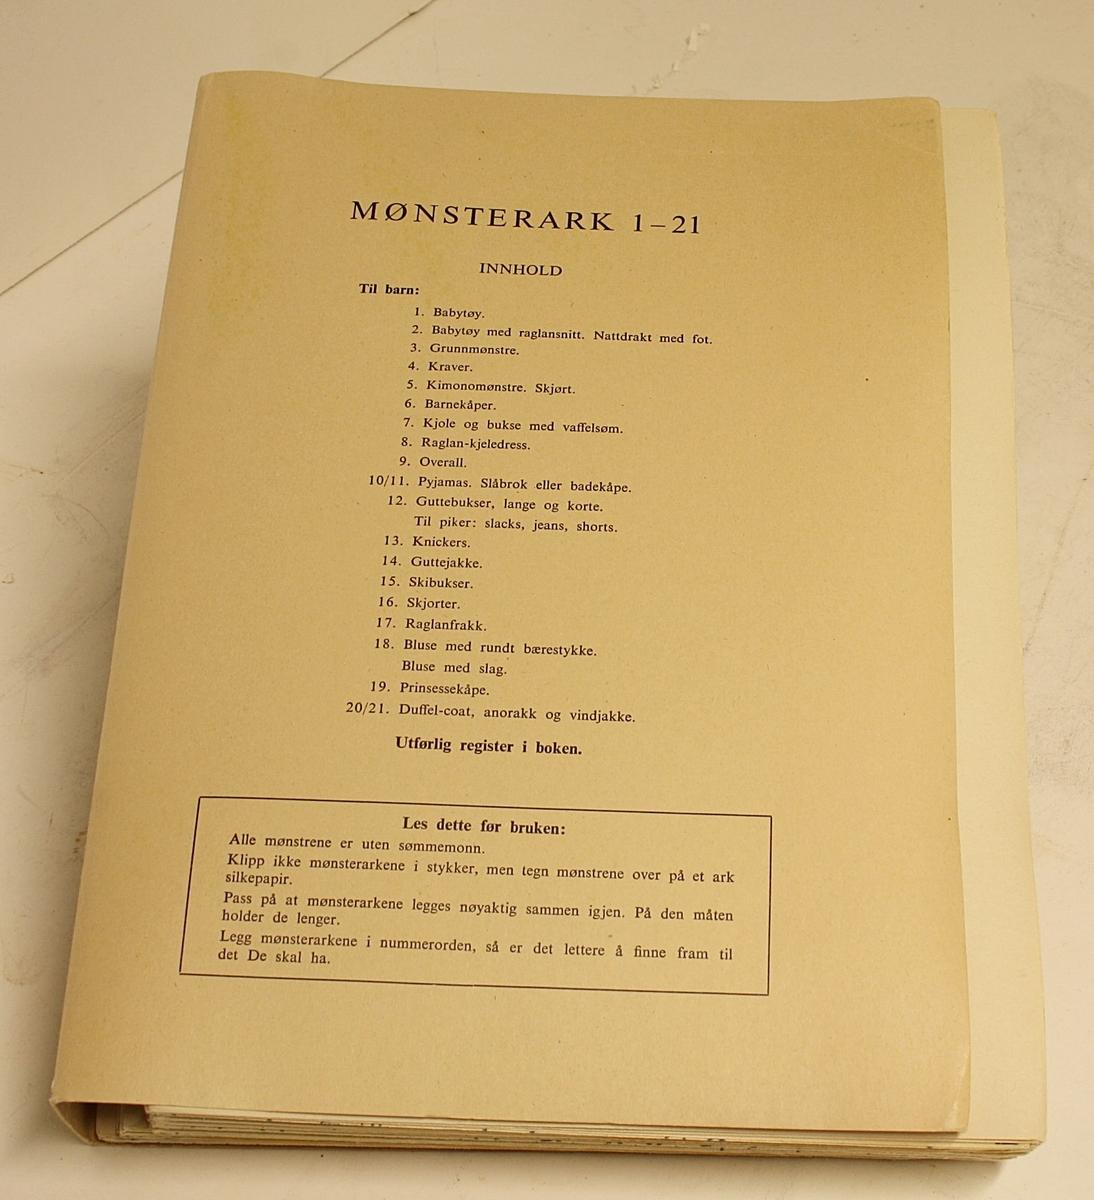 """Rektangulær, stående koffert. Lokk, håndtak og lås. Innhold: """"Den Store Norske Syboken"""" Dovre Mønster. Forfatter: Ella Lund. To holdere med mønsterark (1-21 og 22-42)."""